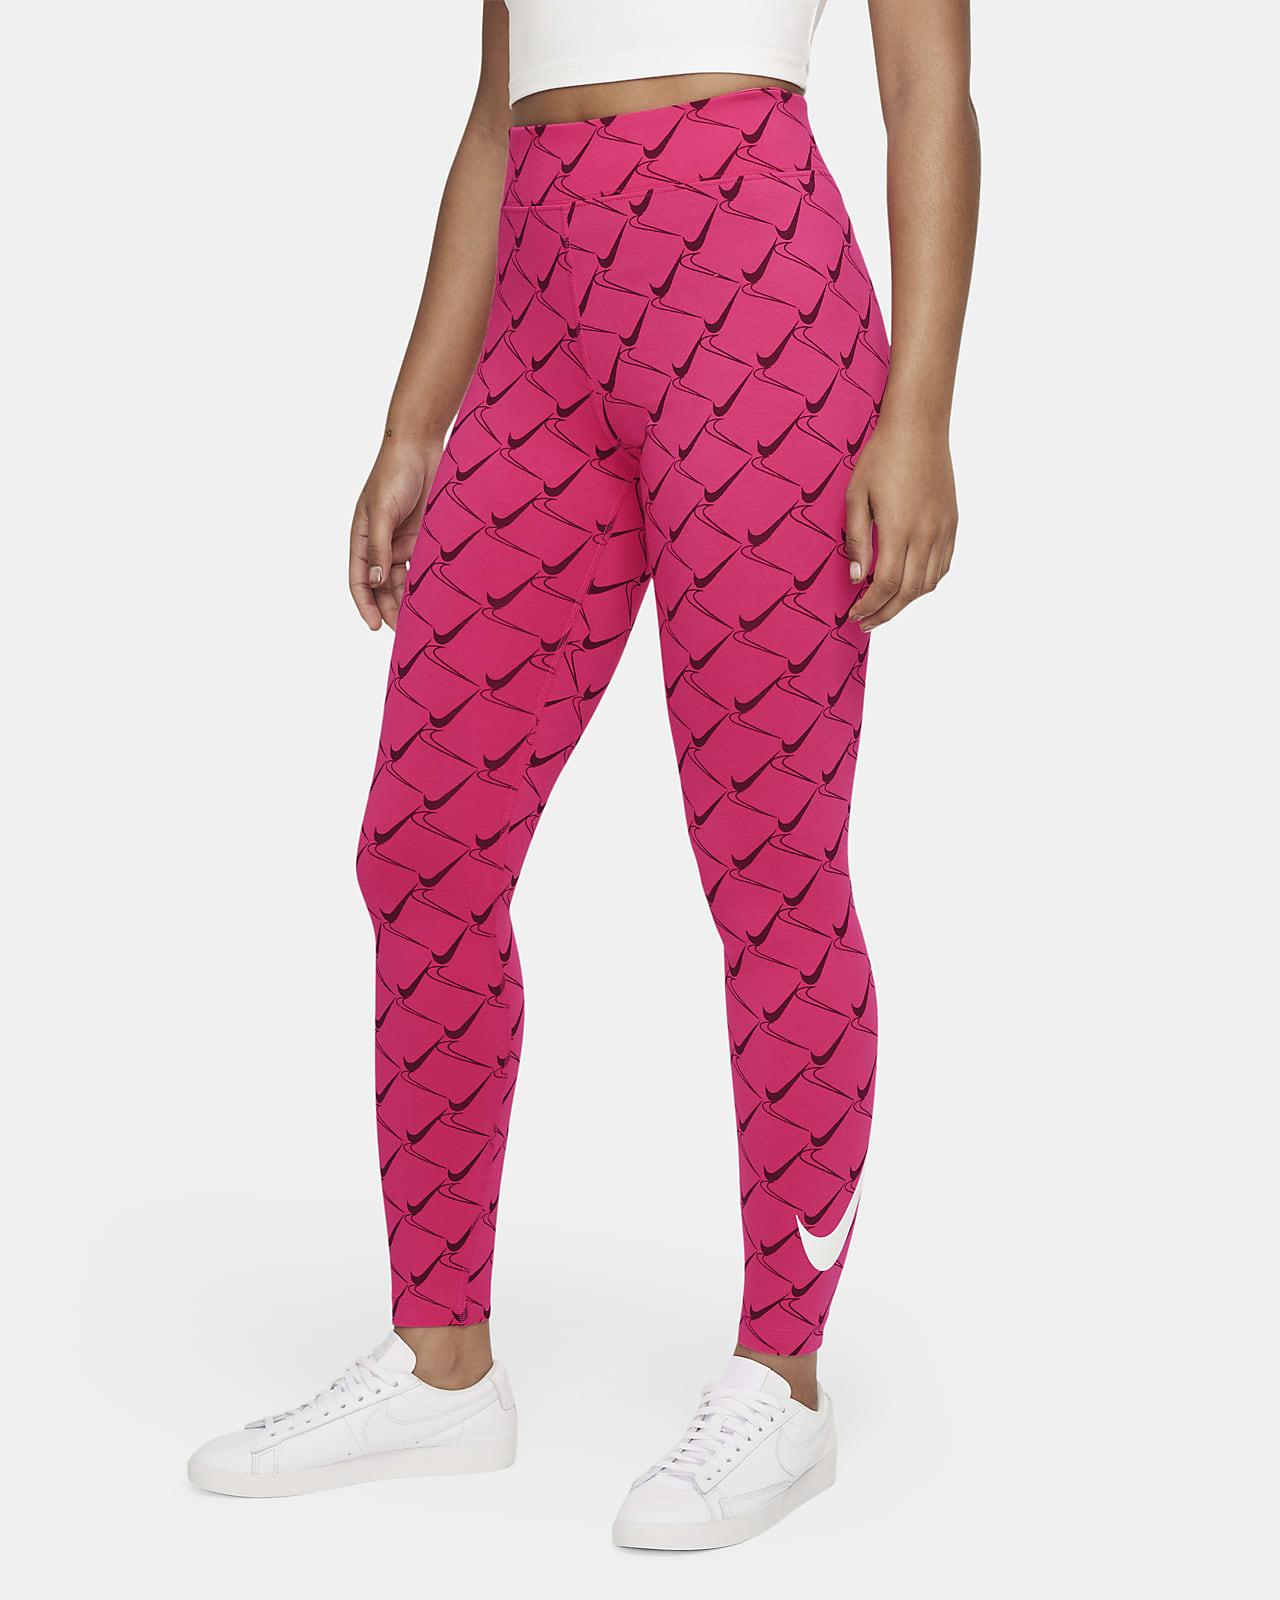 Legging taille haute Nike Sportswear pour Femme